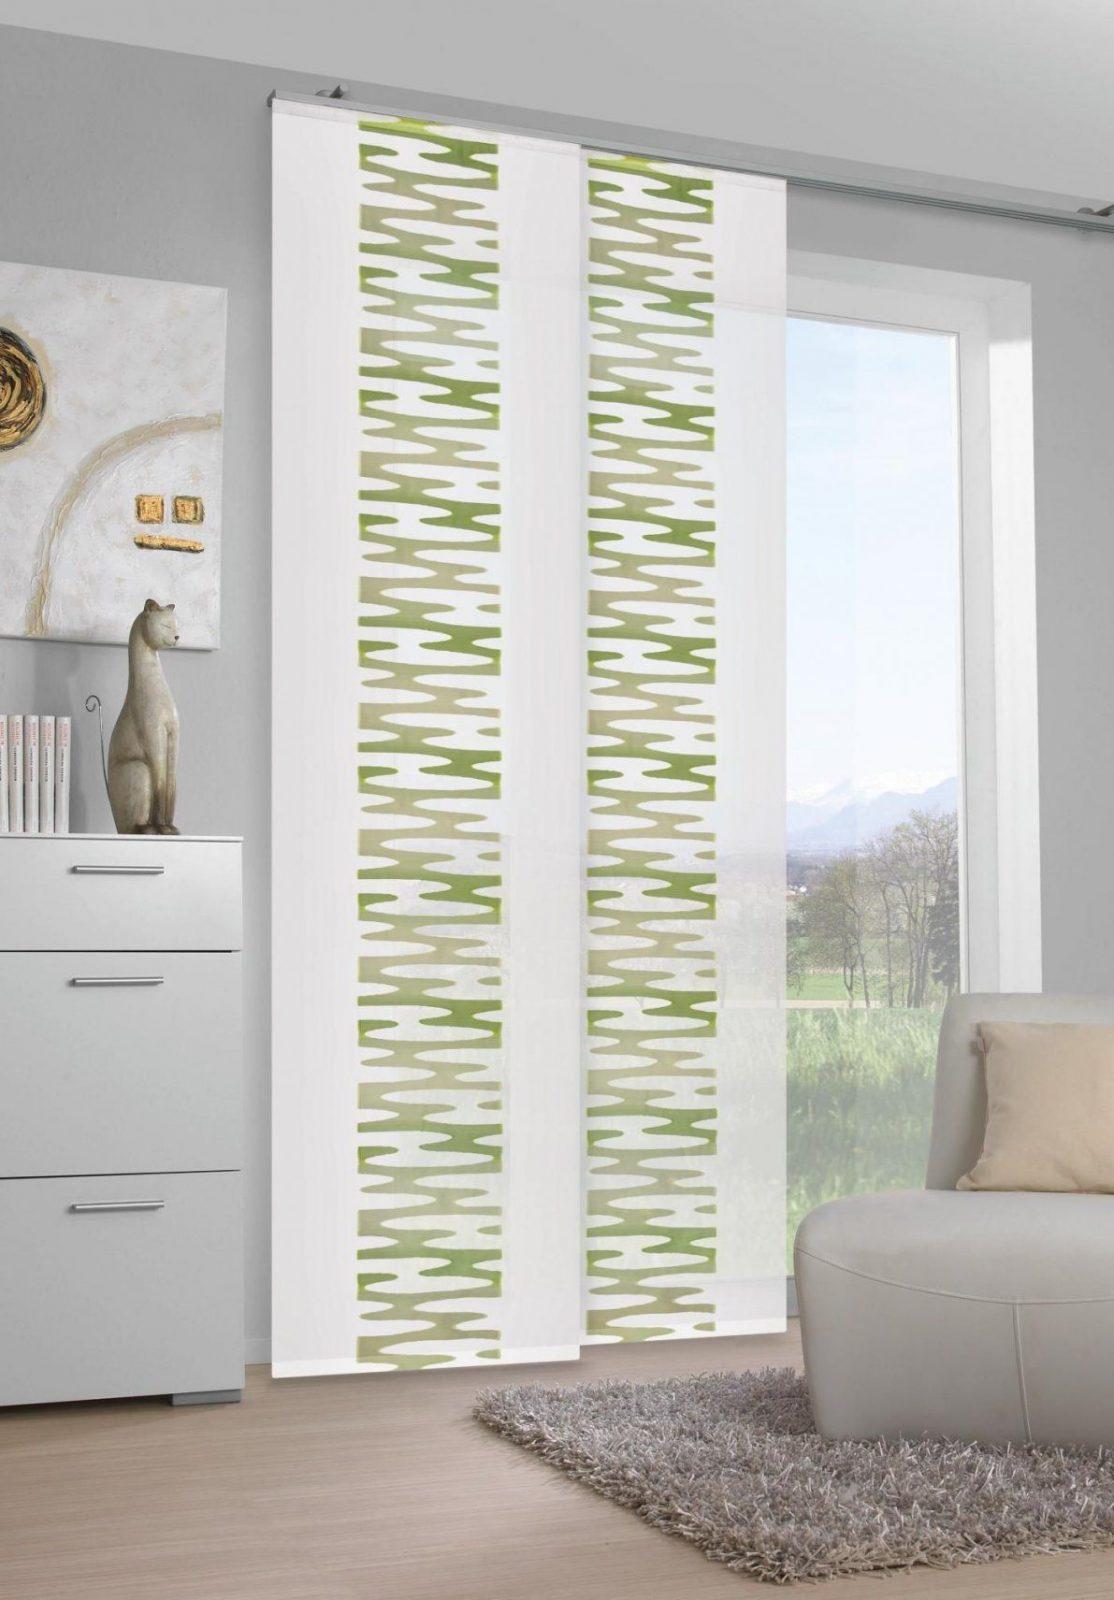 Blickdichter Vorhang Mit Grünem Muster Von Venda  Perdele Draperii von Flächenvorhang 30 Cm Breit Photo